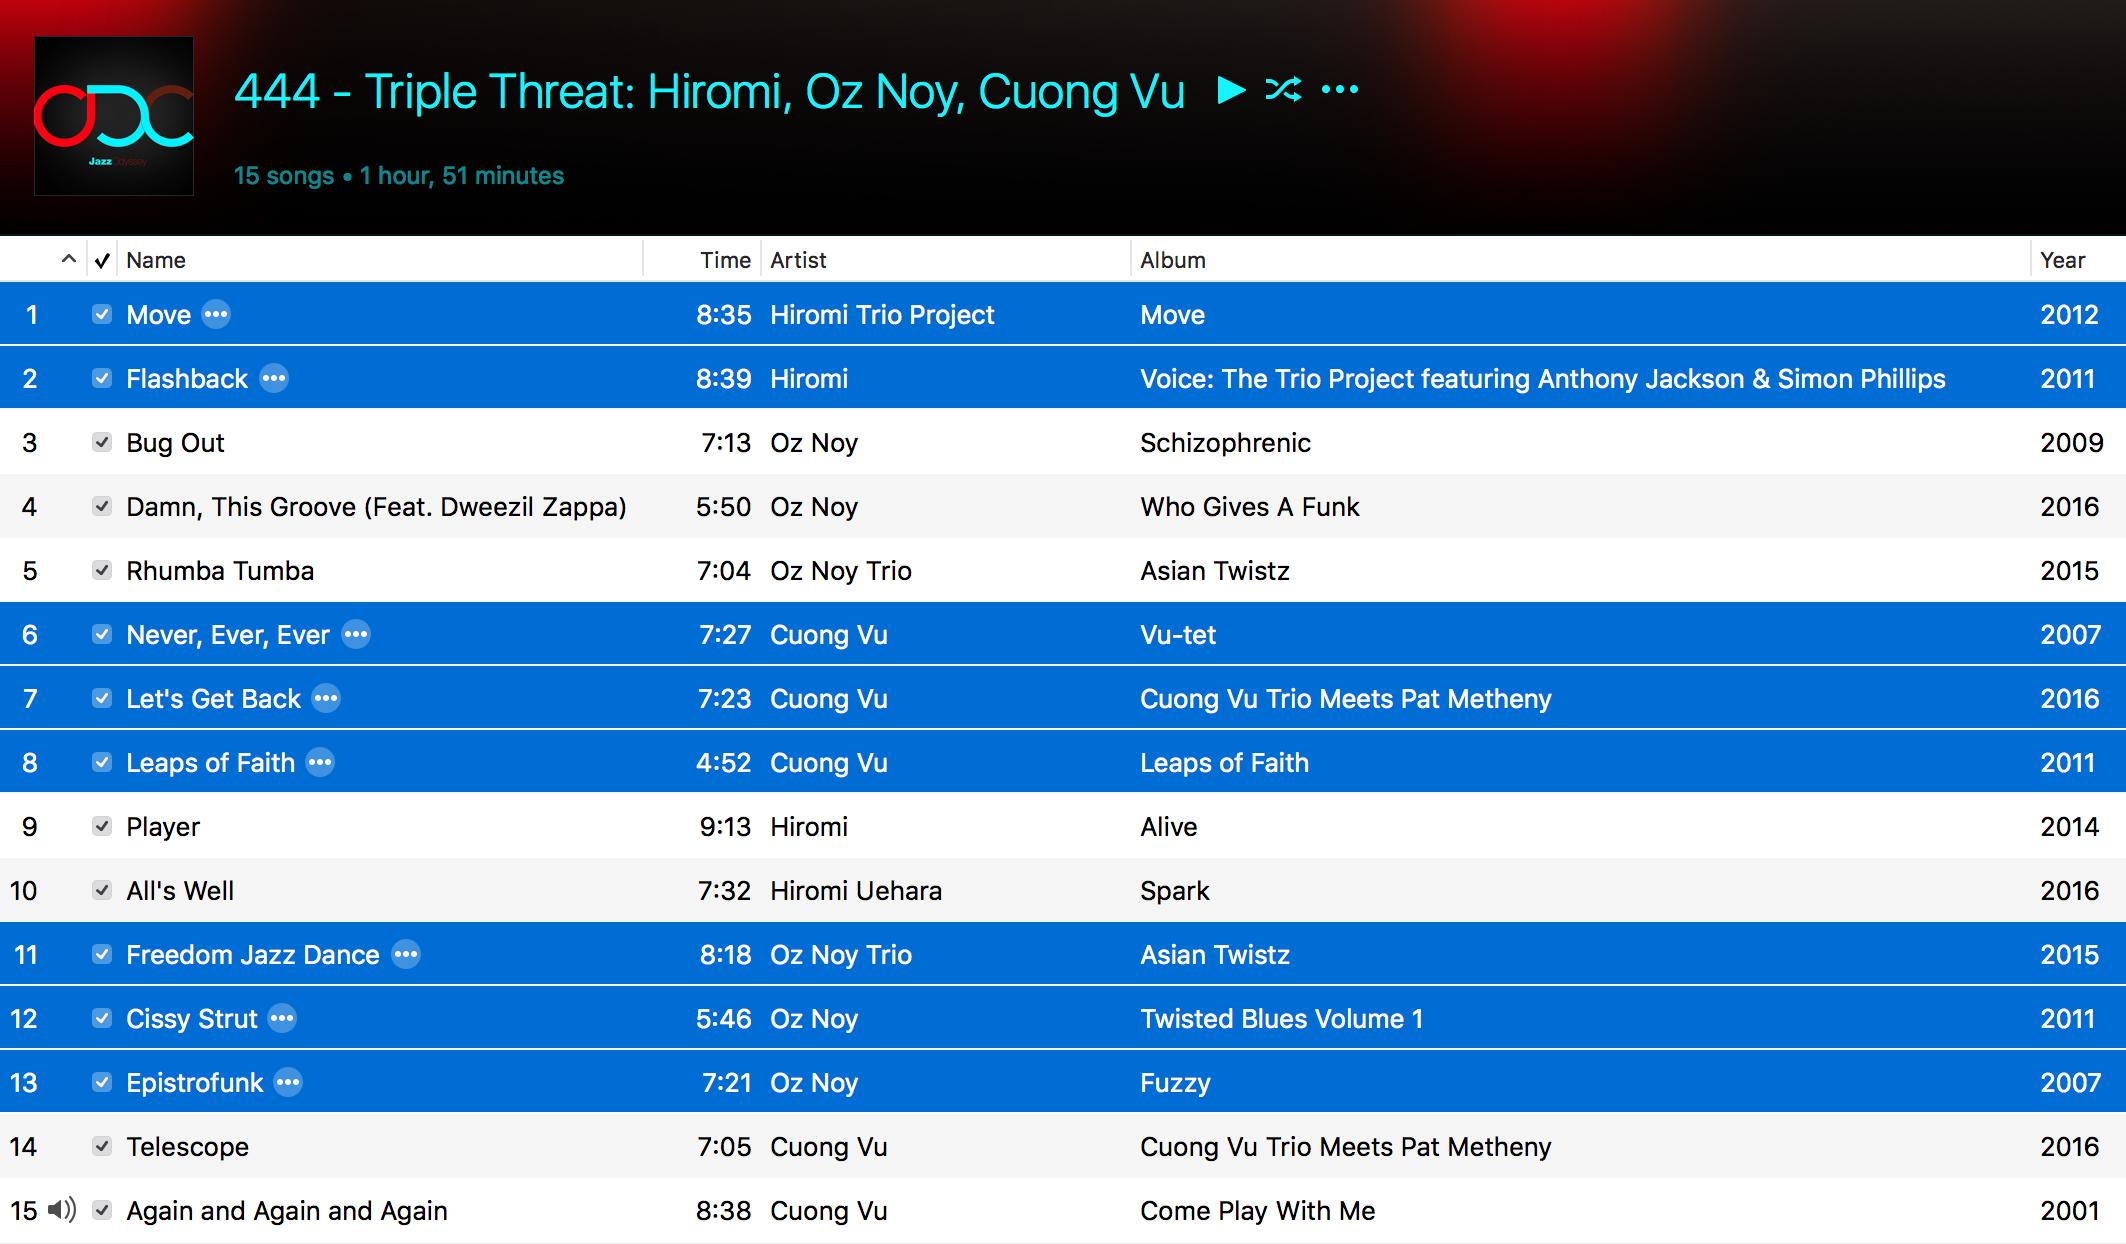 Jazz ODC #444 - Triple Threat - Playlist